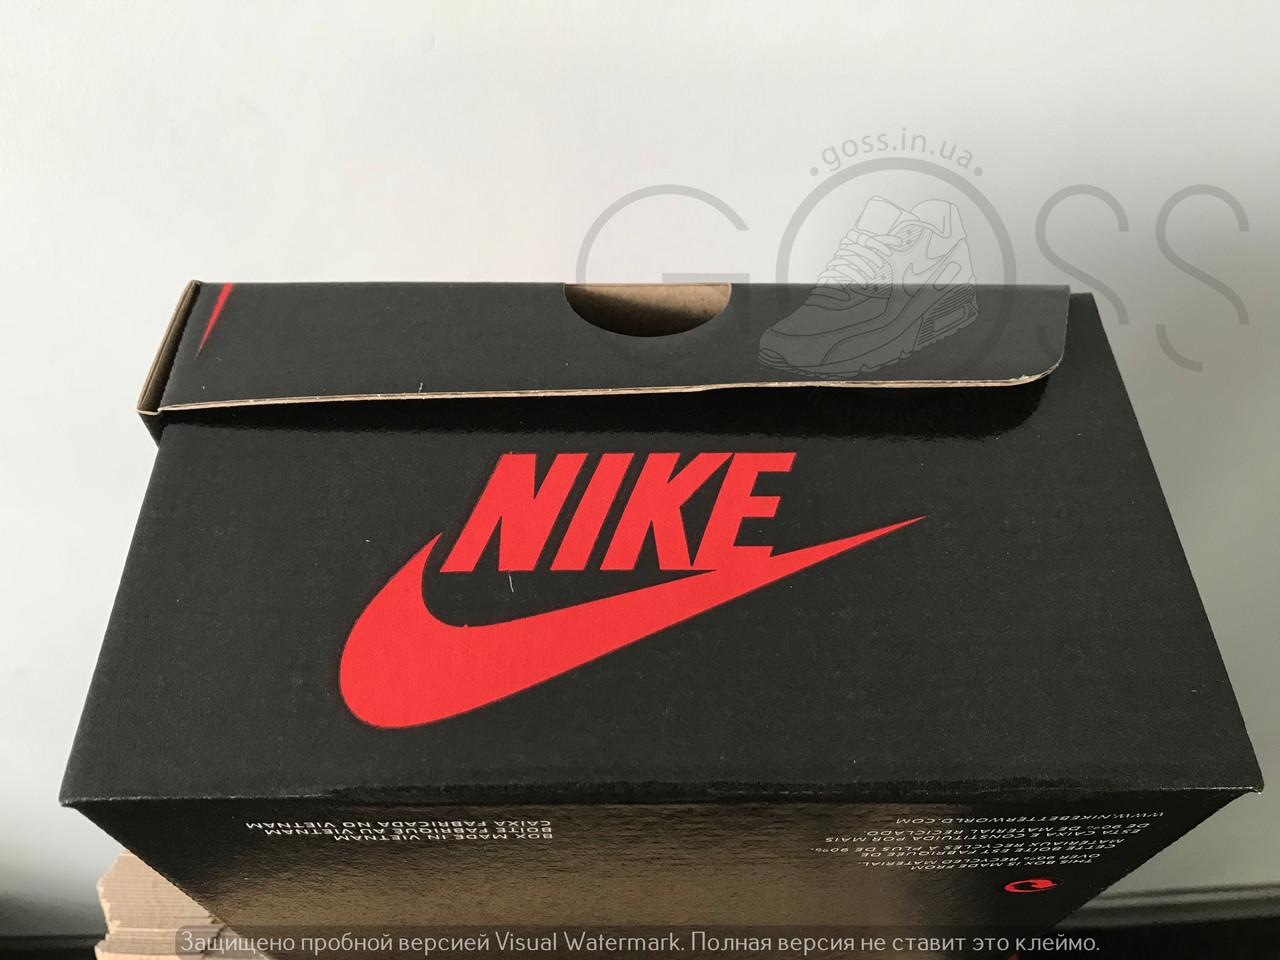 4707bb52ff6f Коробки Nike Лакированная черно-красного цвета 335х215х115 мм купить ...